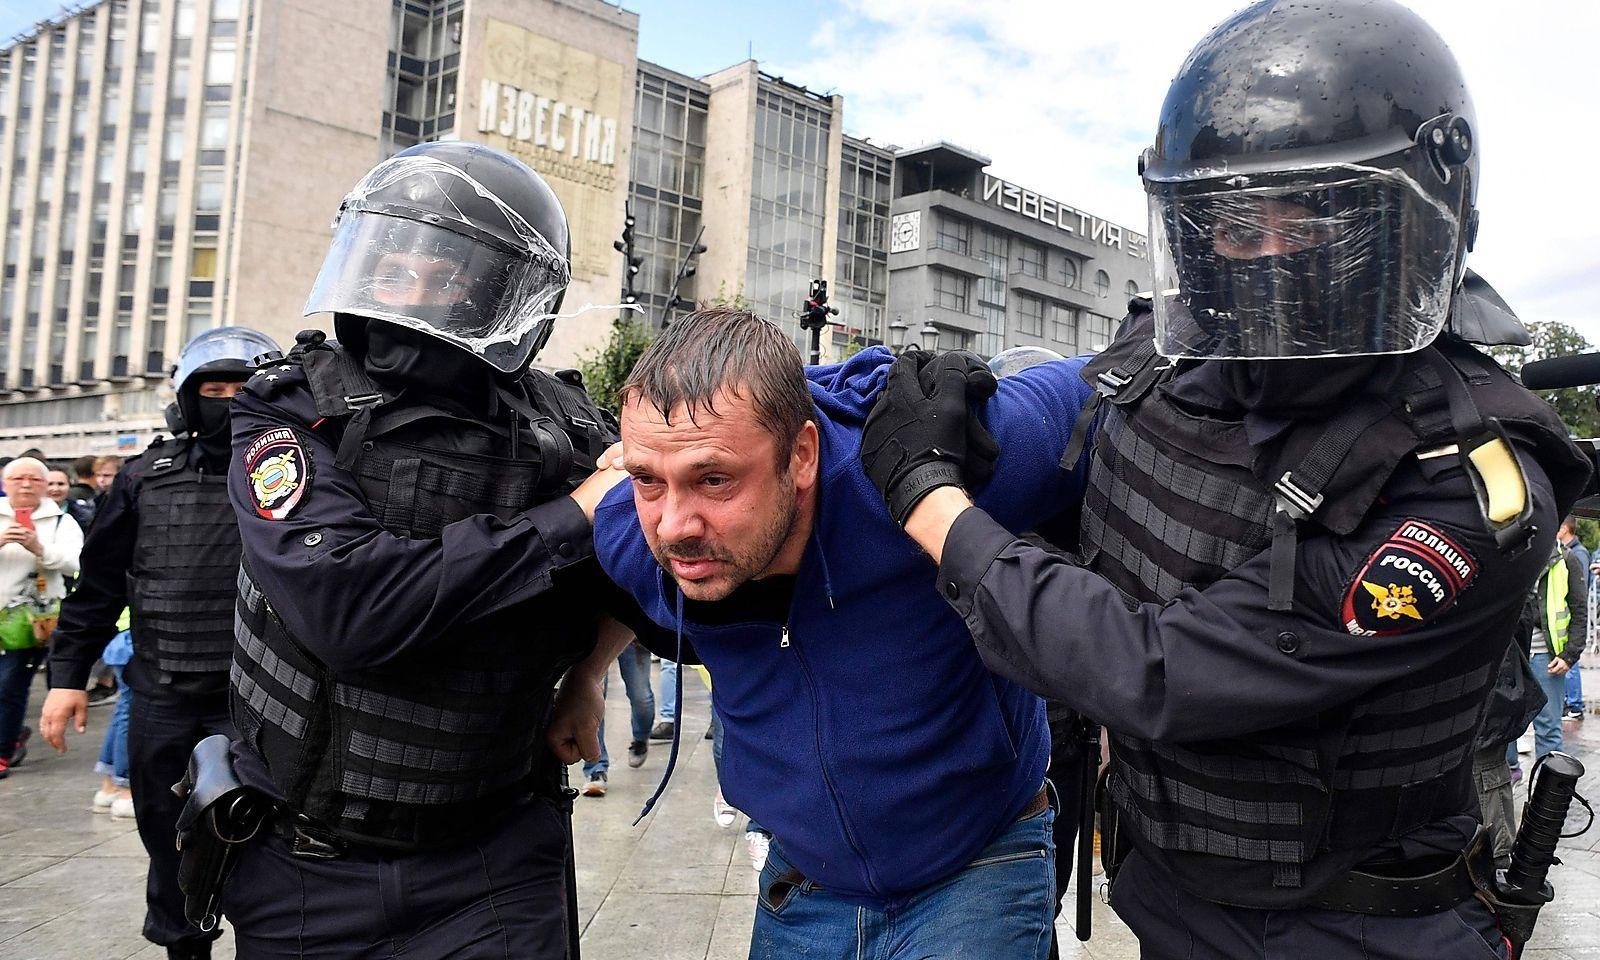 Zahlreiche Menschen wurden festgenommen.